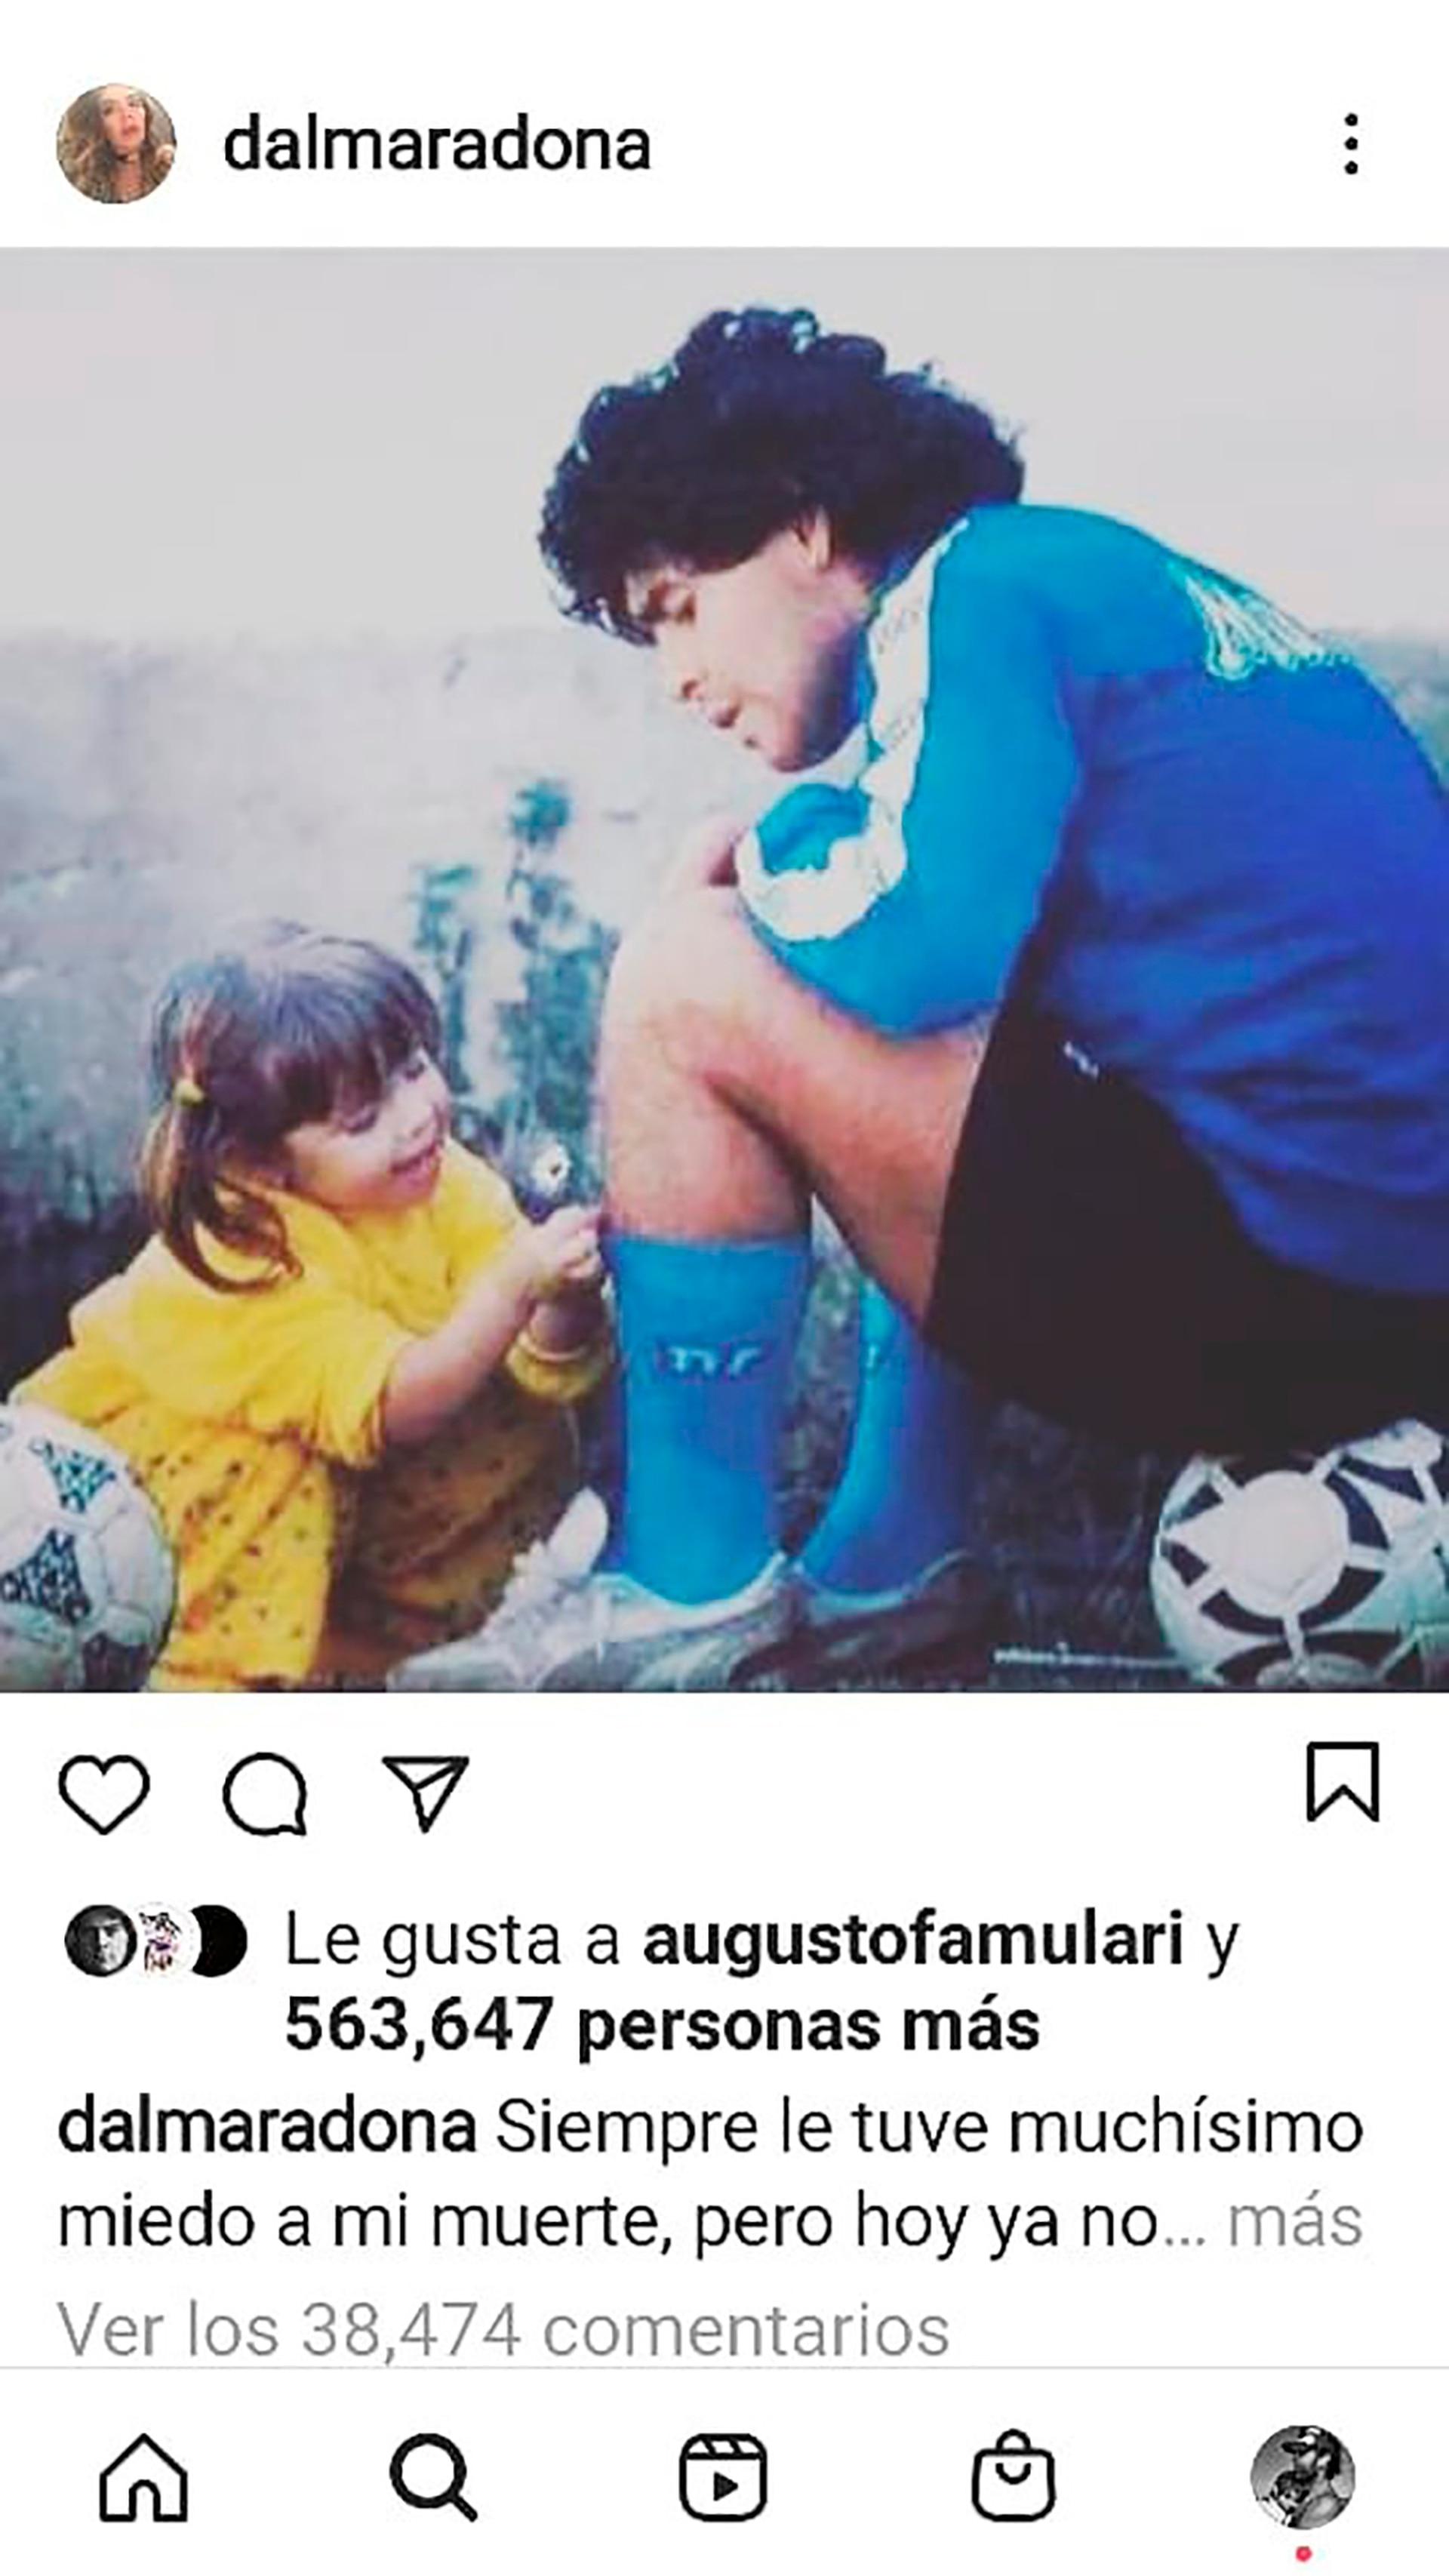 """@dalmaradona: """"Te llevo margaritas para decorar tus medias de jugador y por favor volveme a mirar con ese amor""""."""